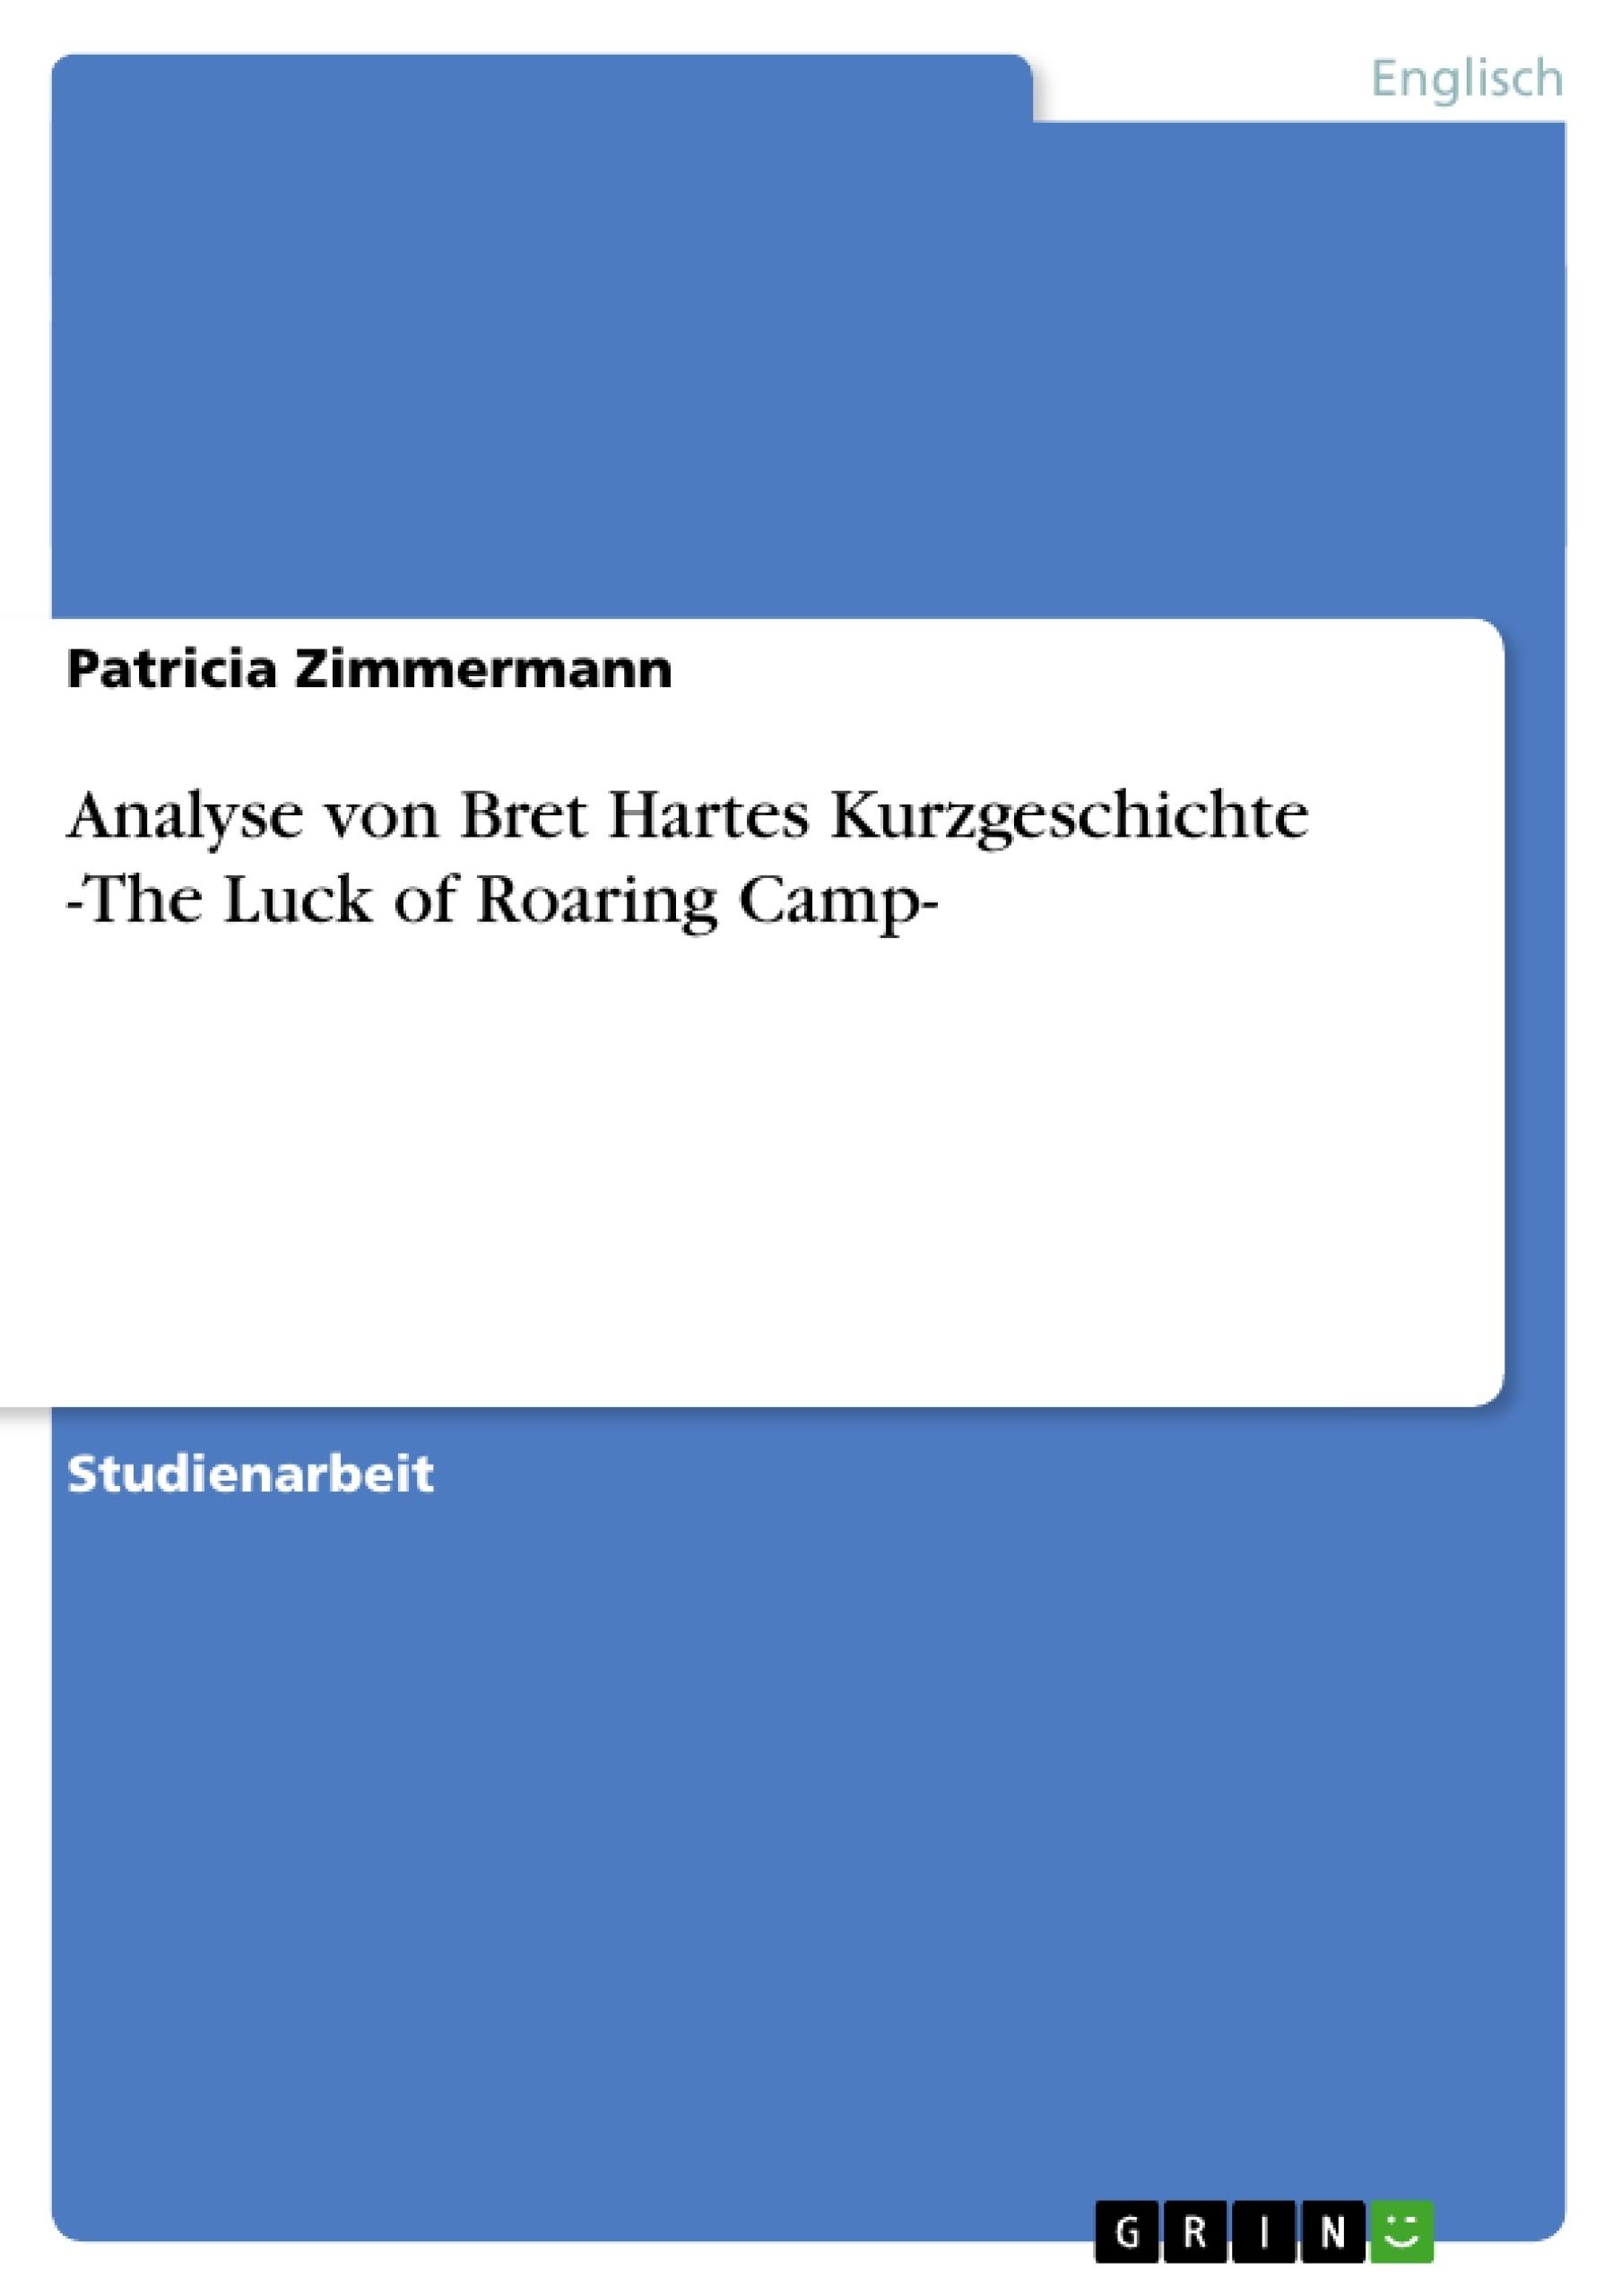 Titel: Analyse von Bret Hartes Kurzgeschichte -The Luck of Roaring Camp-